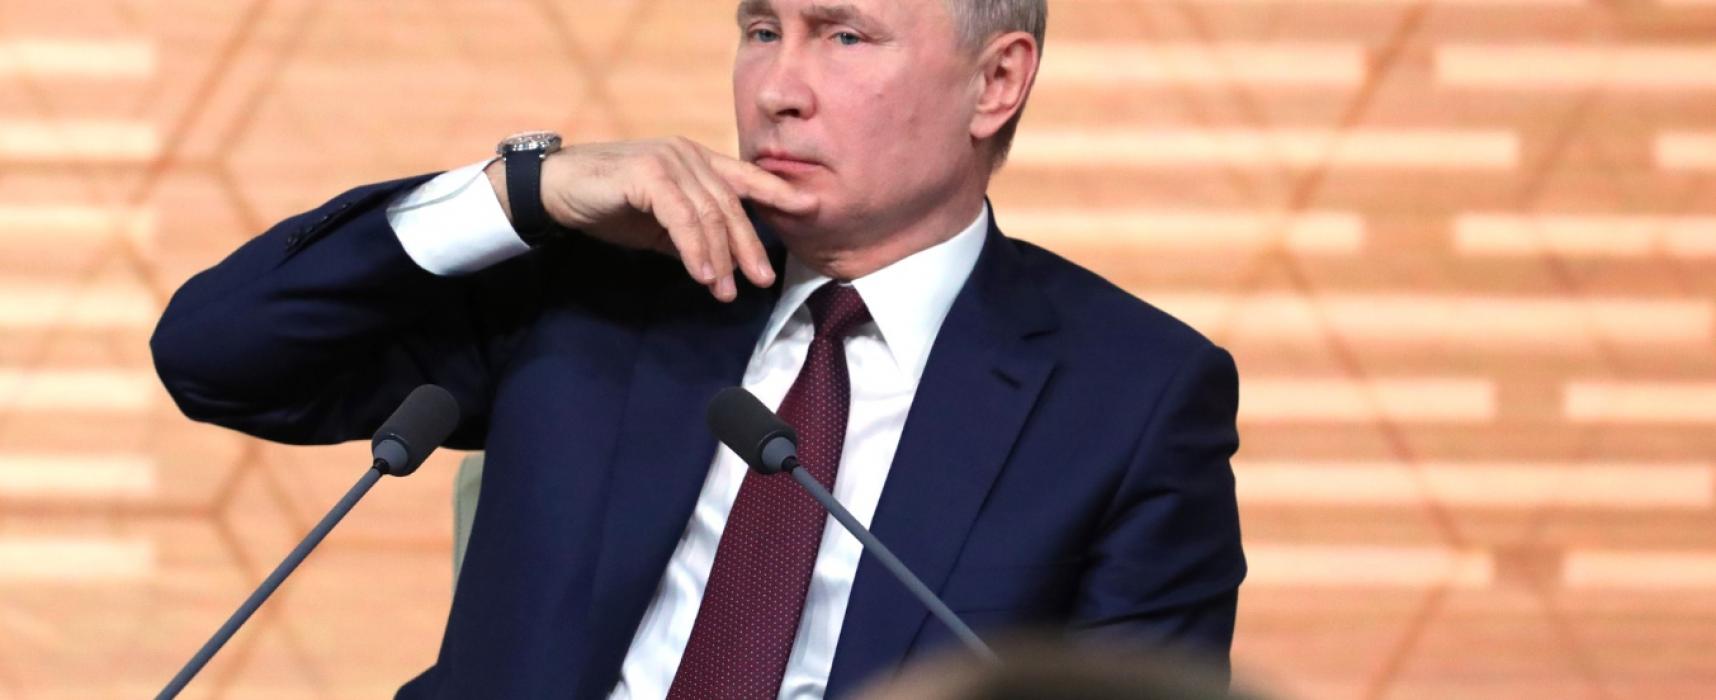 Vánoční pohádky: 10 příkladů toho, jak Putin obelhával novináře na tiskové konferenci